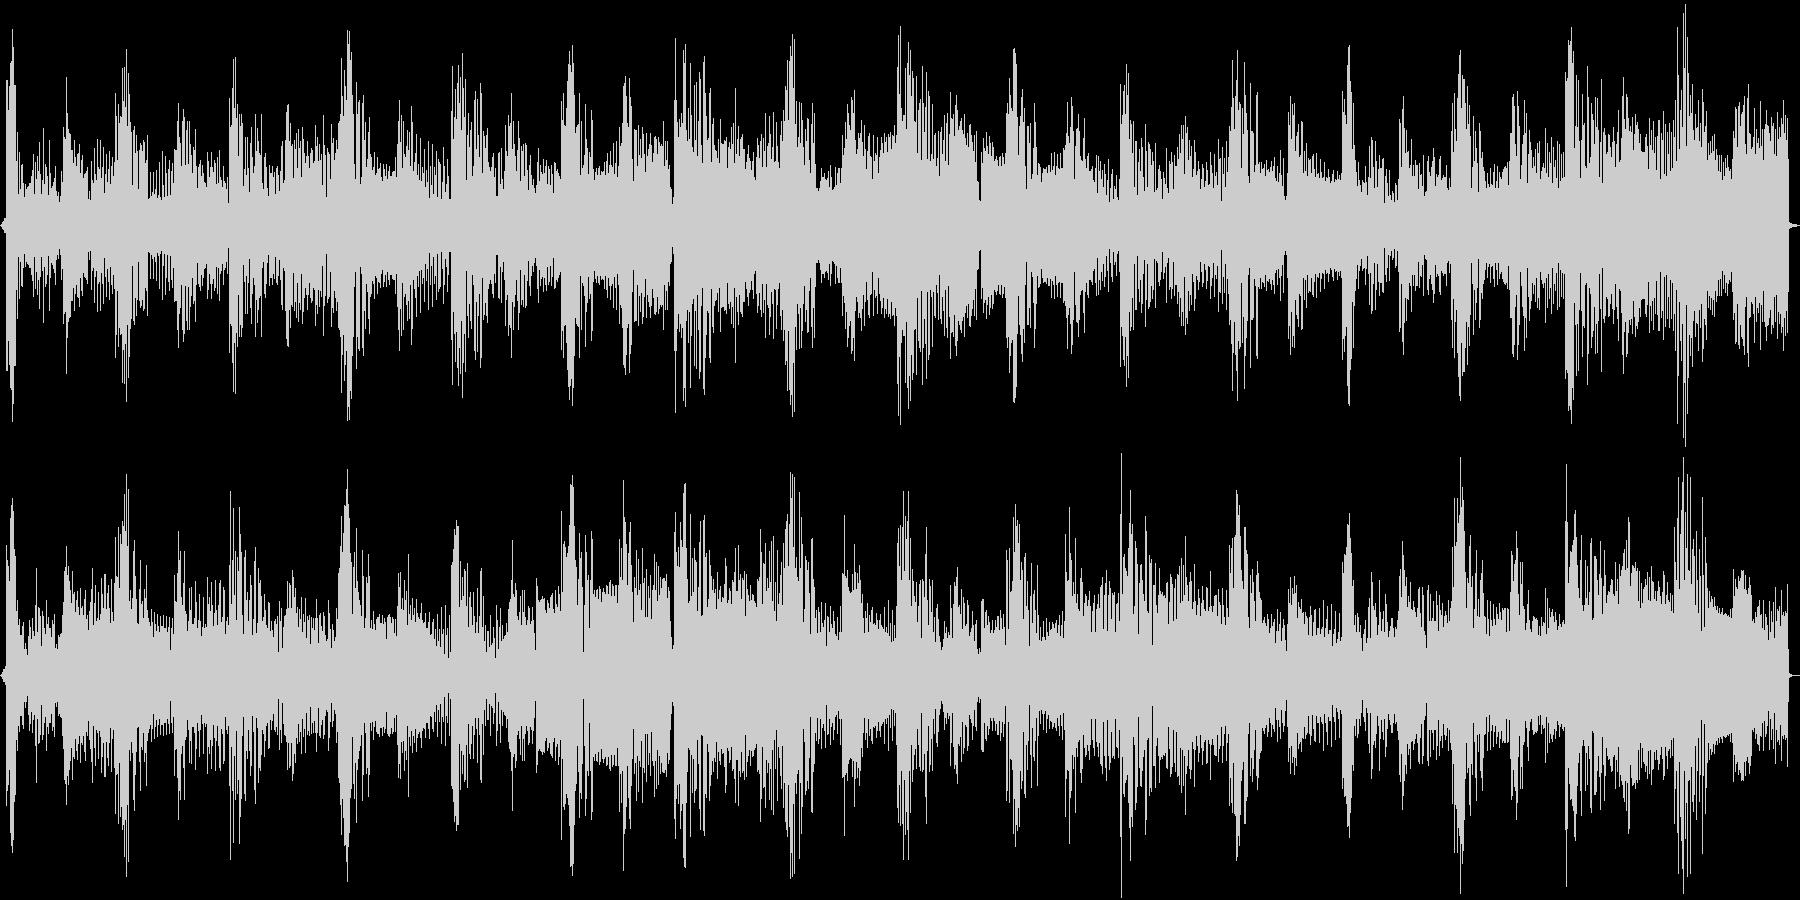 わくわくするような4小節ループの未再生の波形